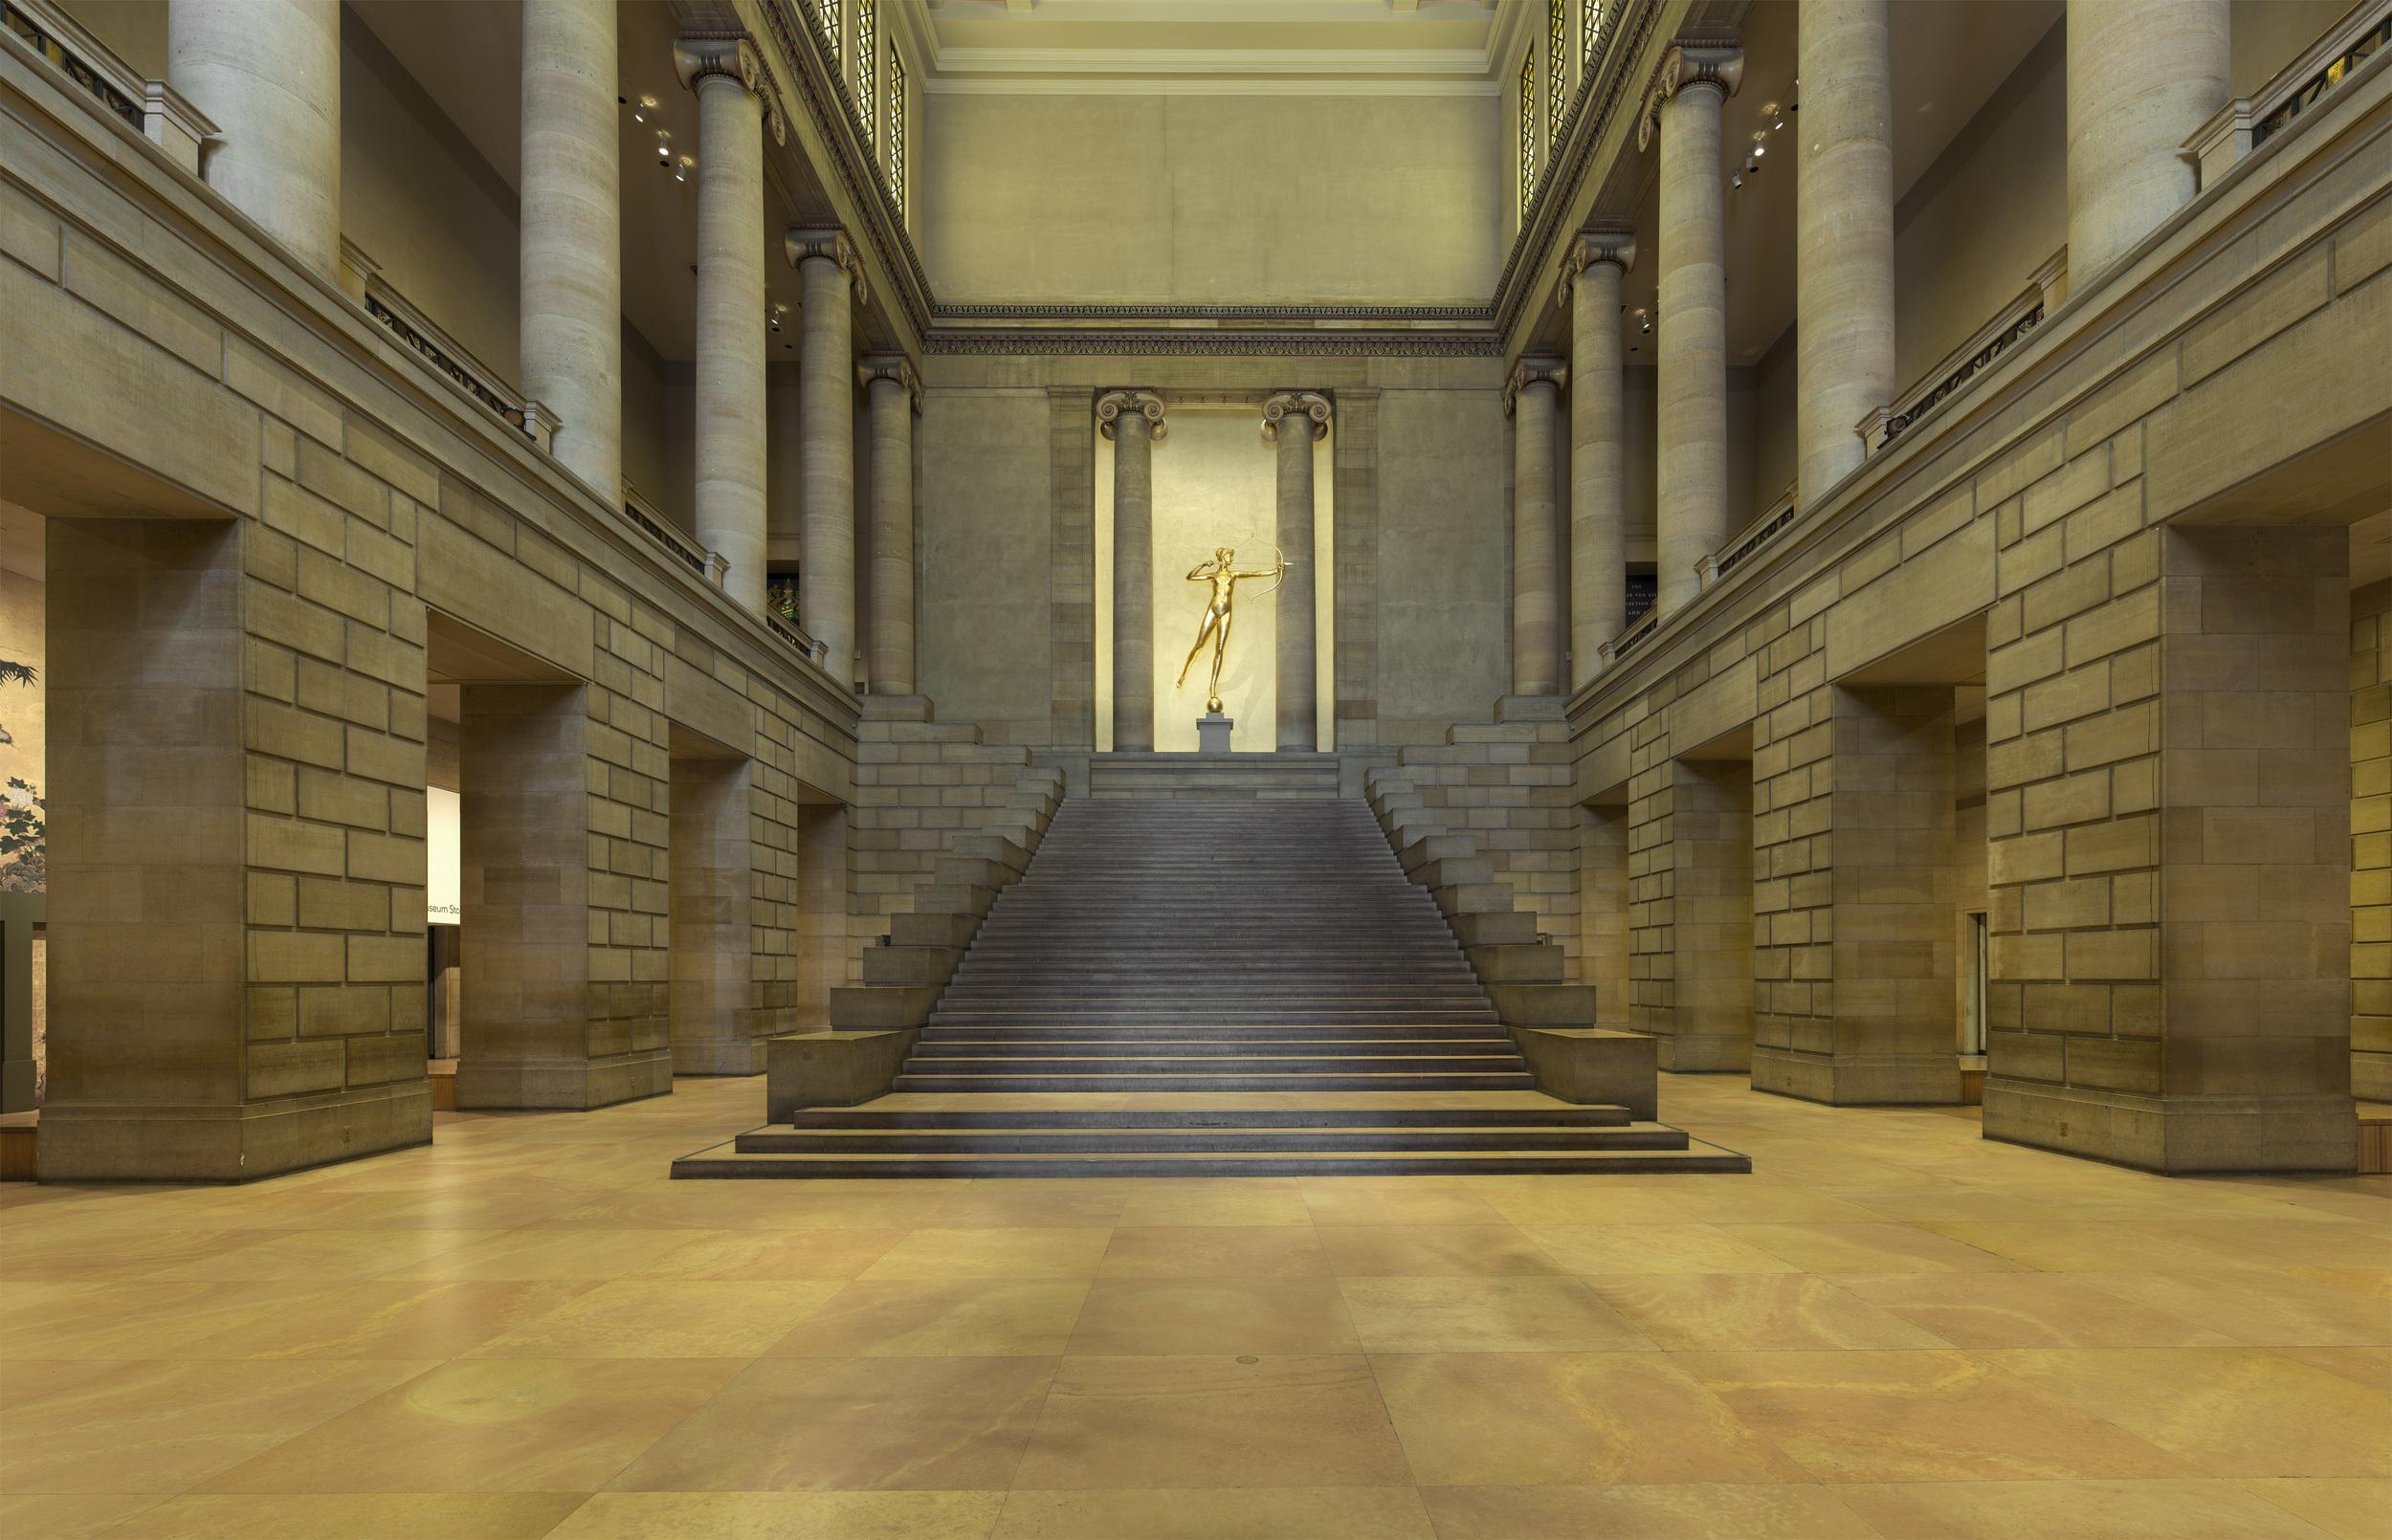 Philadelphia_Museum_of_Art_1.jpg